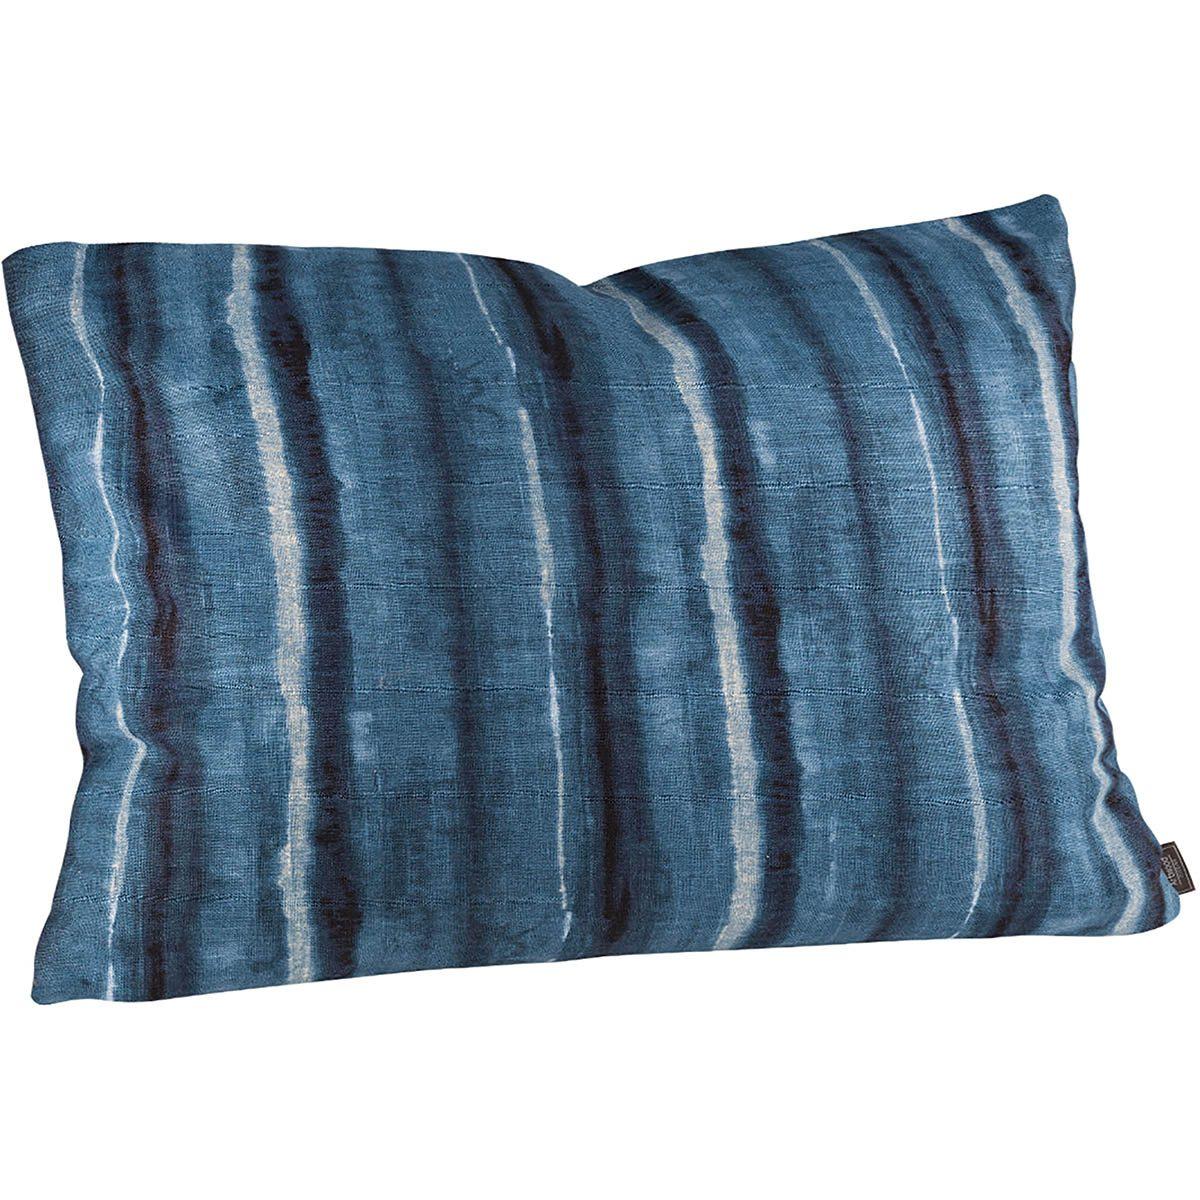 Tulane kuddfodral från Artwood i färgen blå.